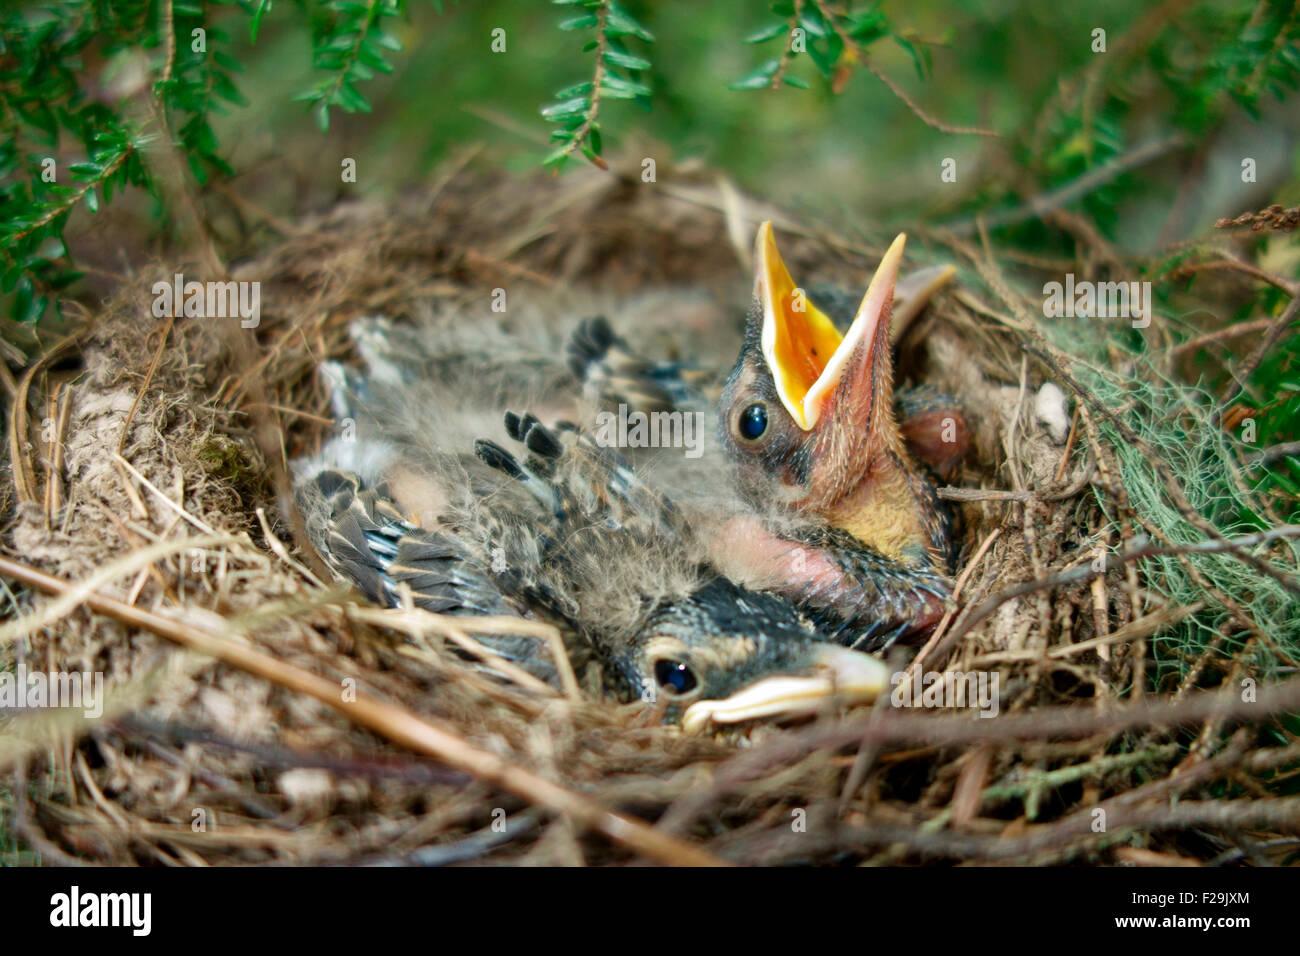 Eine Nest von jungen amerikanischen Robin Vogel Vögel Babys Jungvögel Jungtiere Nestlinge Stockbild